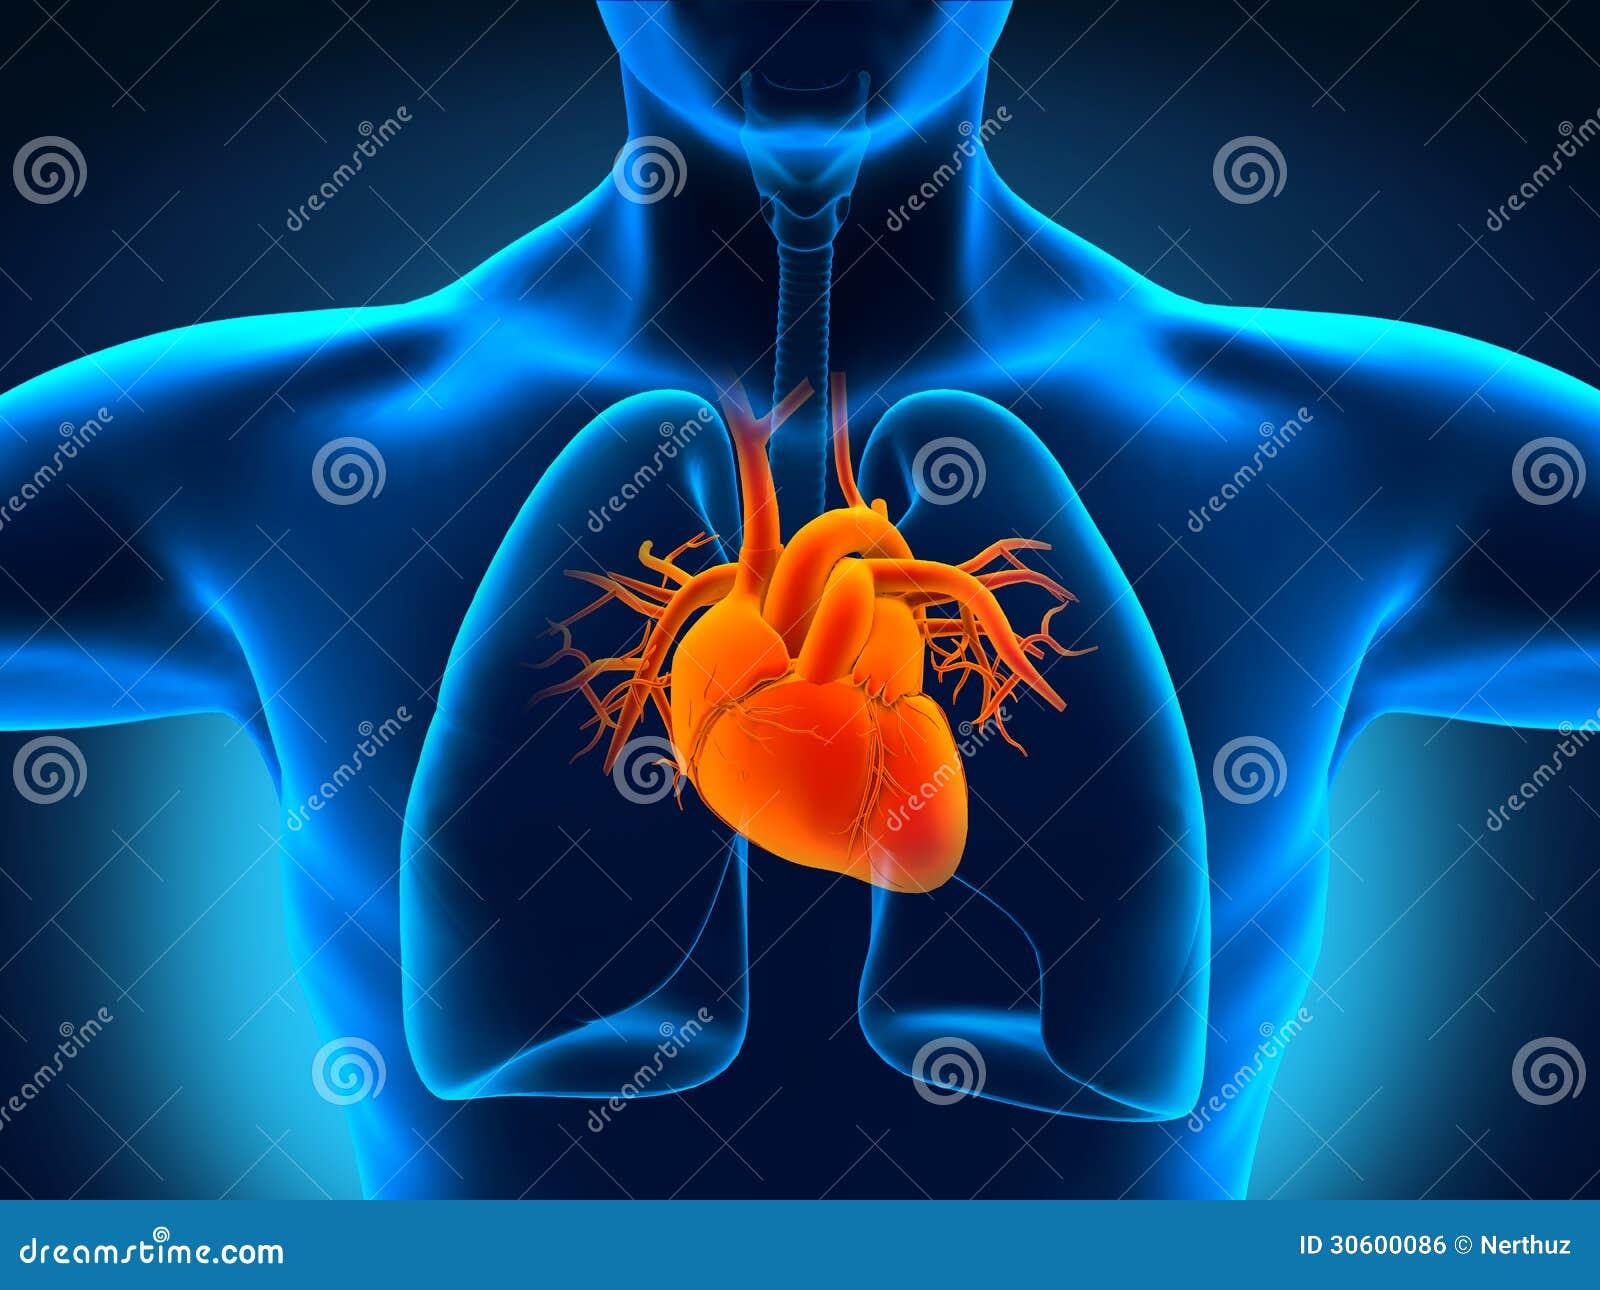 Human Heart Anatomy Stock Illustration Illustration Of Great 30600086